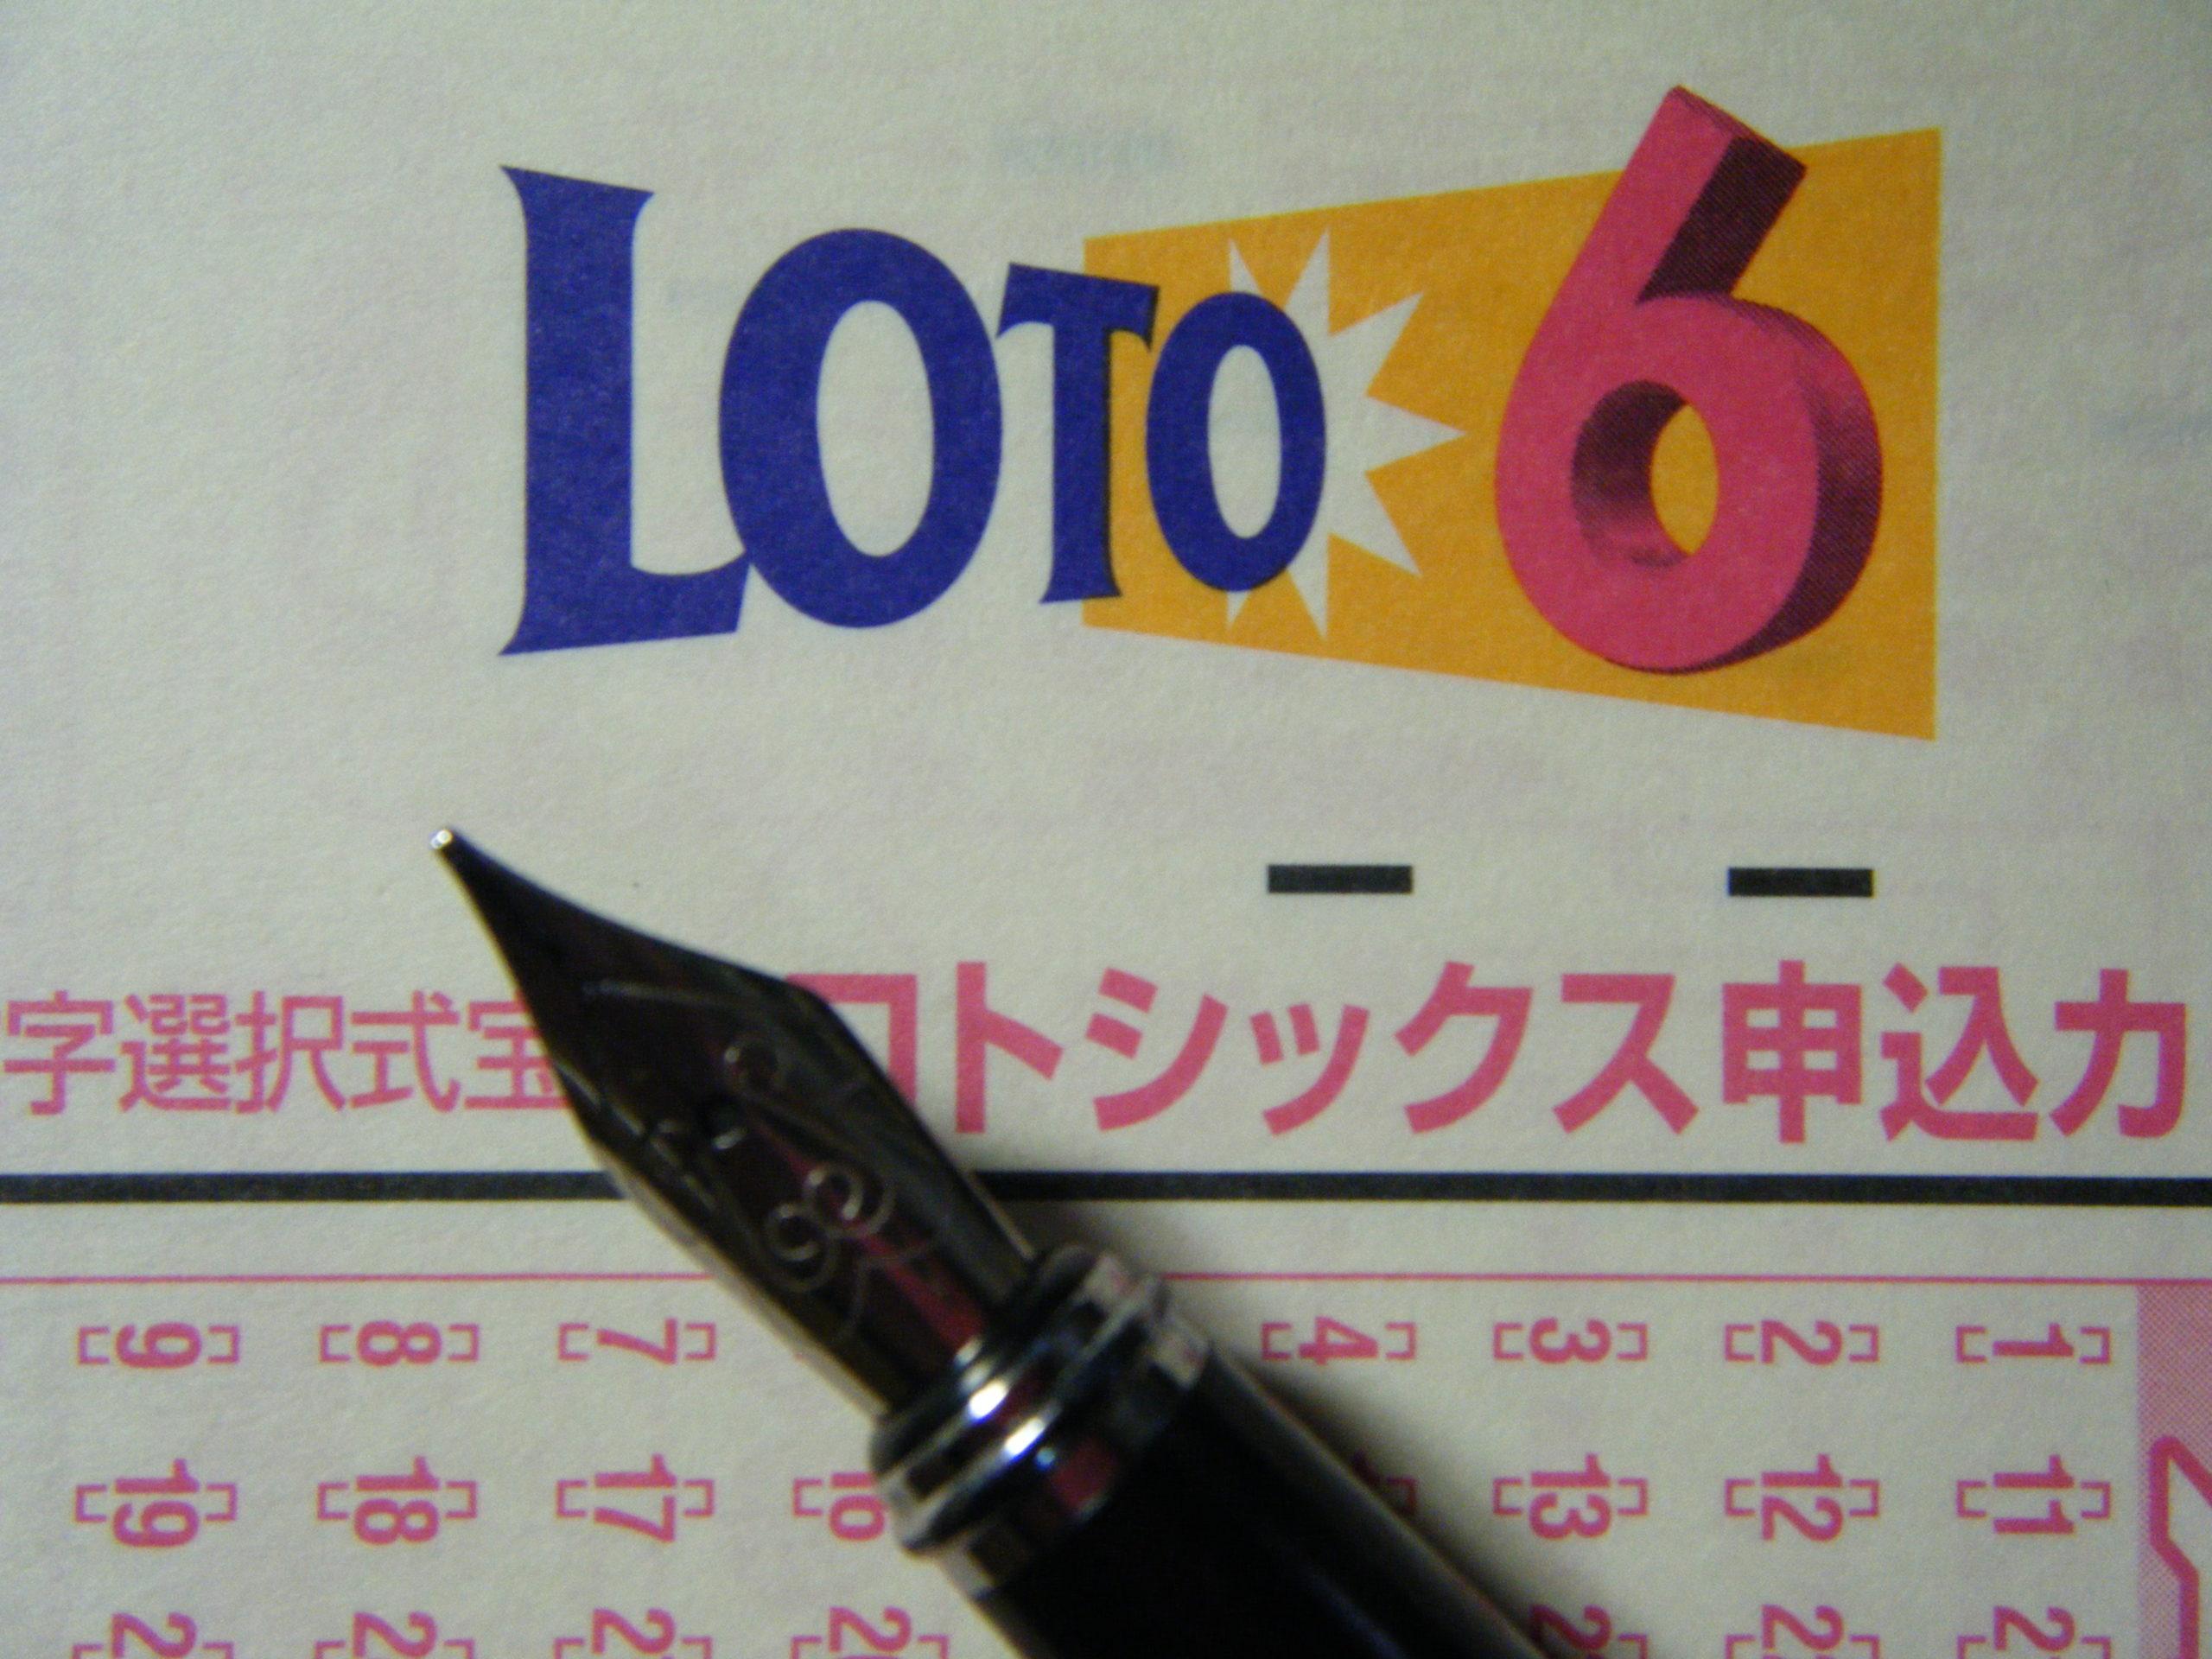 【宝くじ販売窓口閉鎖】北國銀行のATMでロト6を購入